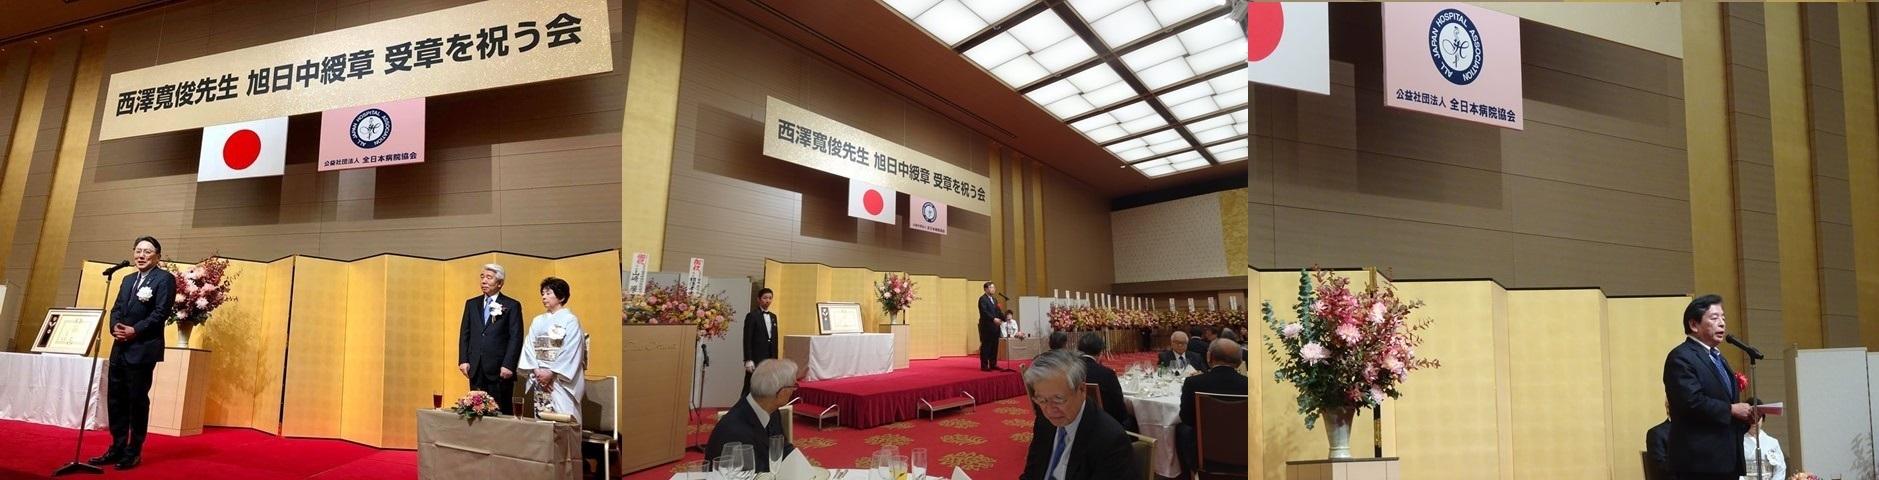 西澤寛俊先生の旭日中綬章受章を祝う_b0115629_22075441.jpg